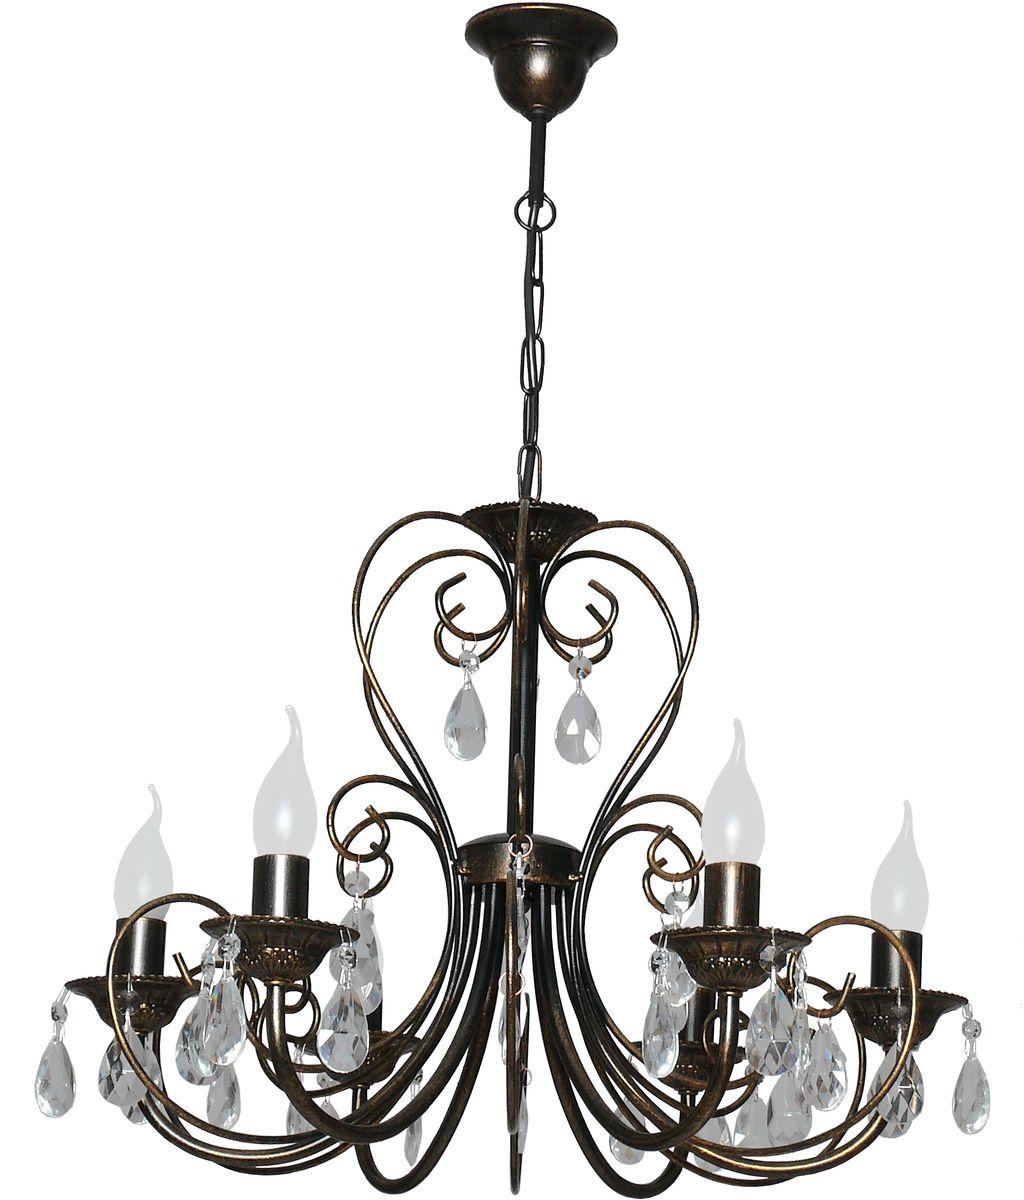 Люстра подвесная Аврора Версаль, 6 х E14, 60 W. 10056-6L10056-6L